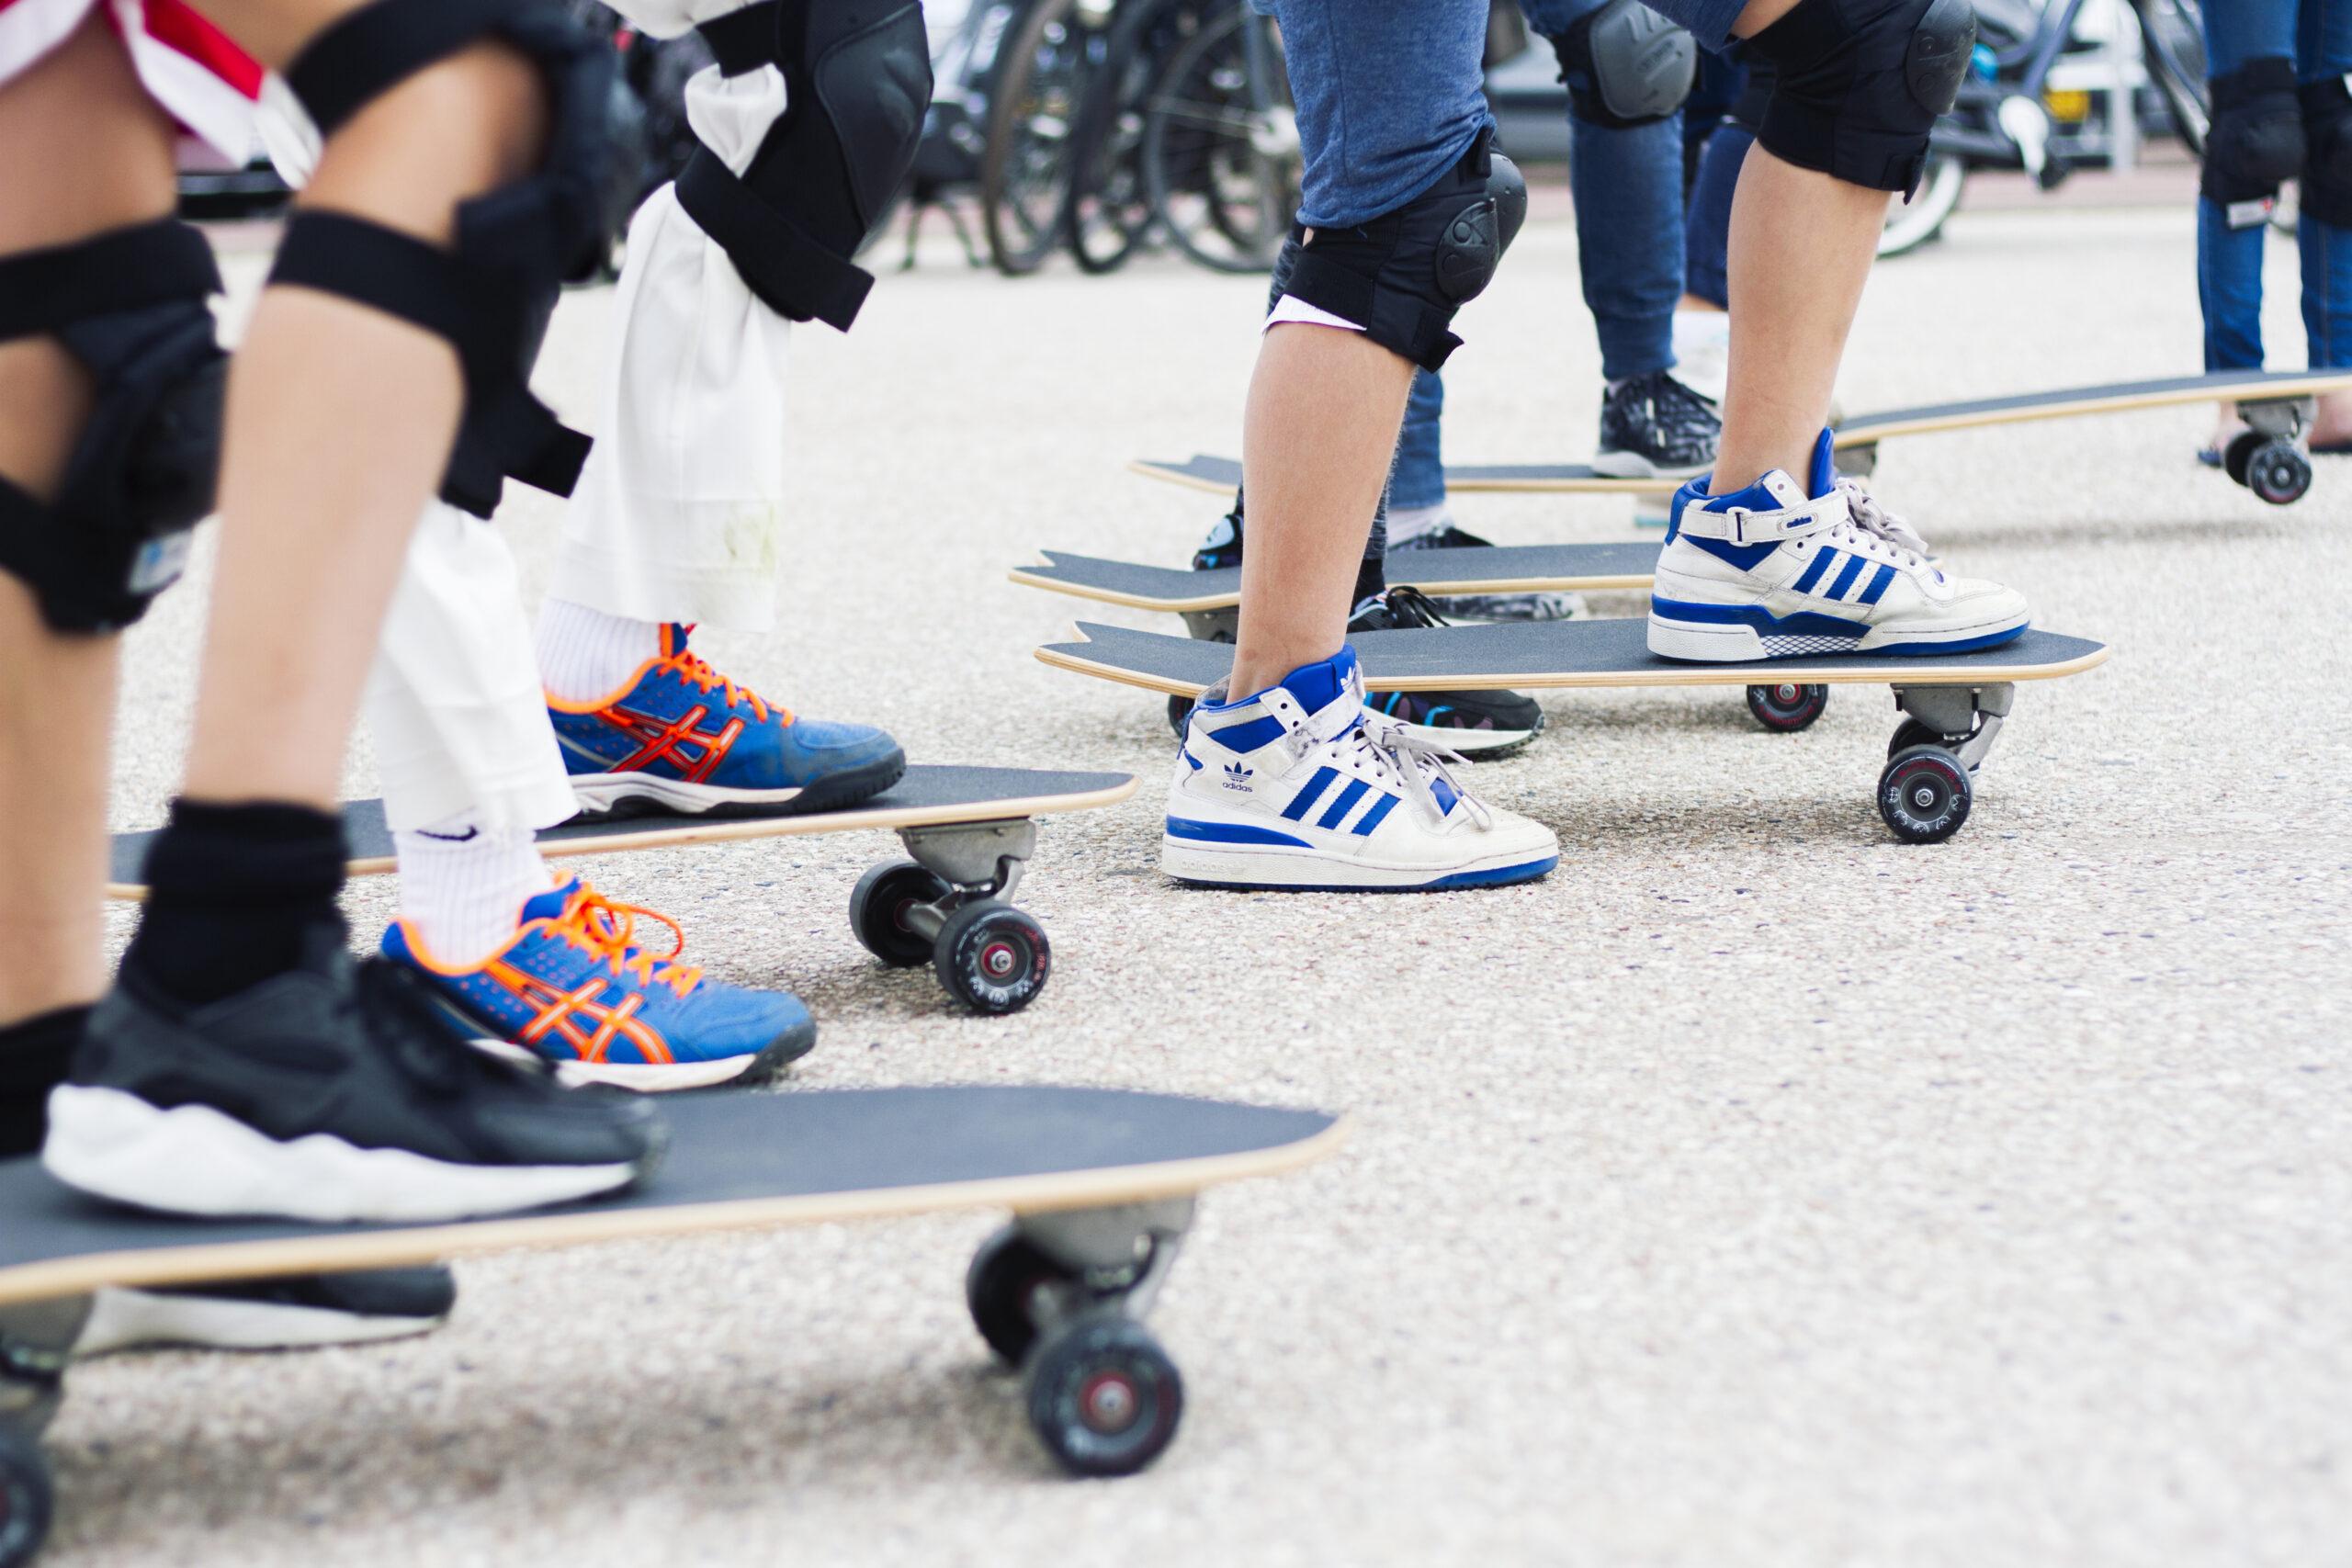 Skate lesson